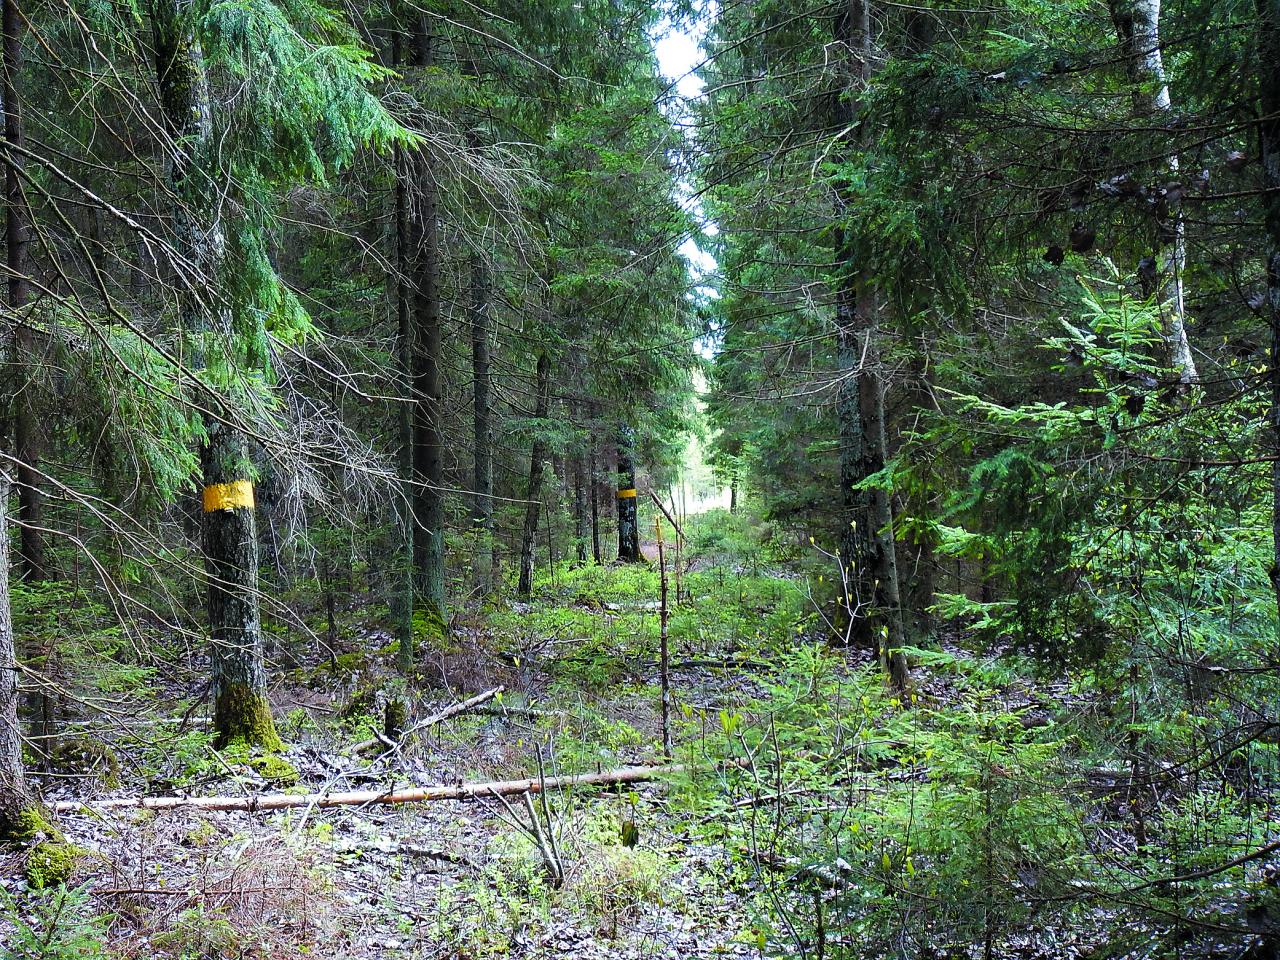 Jārēķinās, ka pastāvīgi gaismu tuneļā galā (lasi – meža robežas galā) varēs saskatīt tikai tad, ja vismaz reizi pāris gados robeža tiks attīrīta no krūmu aizzēluma.